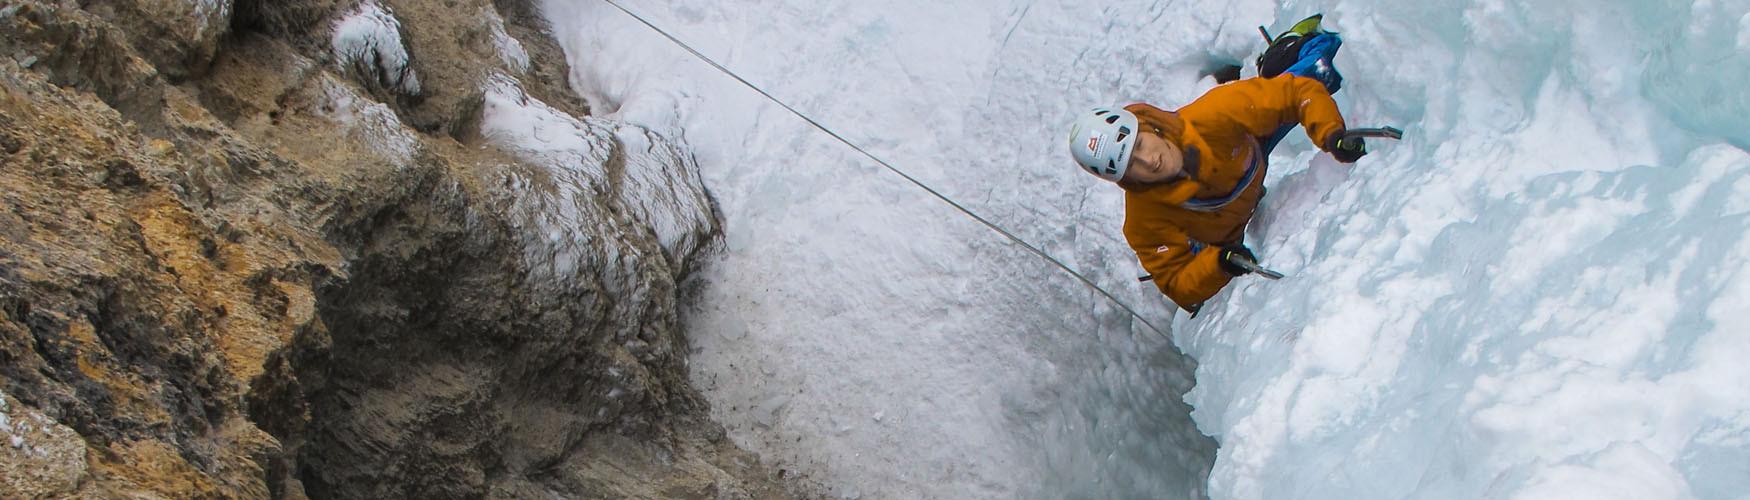 Dolomiten Eisklettern, Eisklettern mit Bergführer Dolomiten